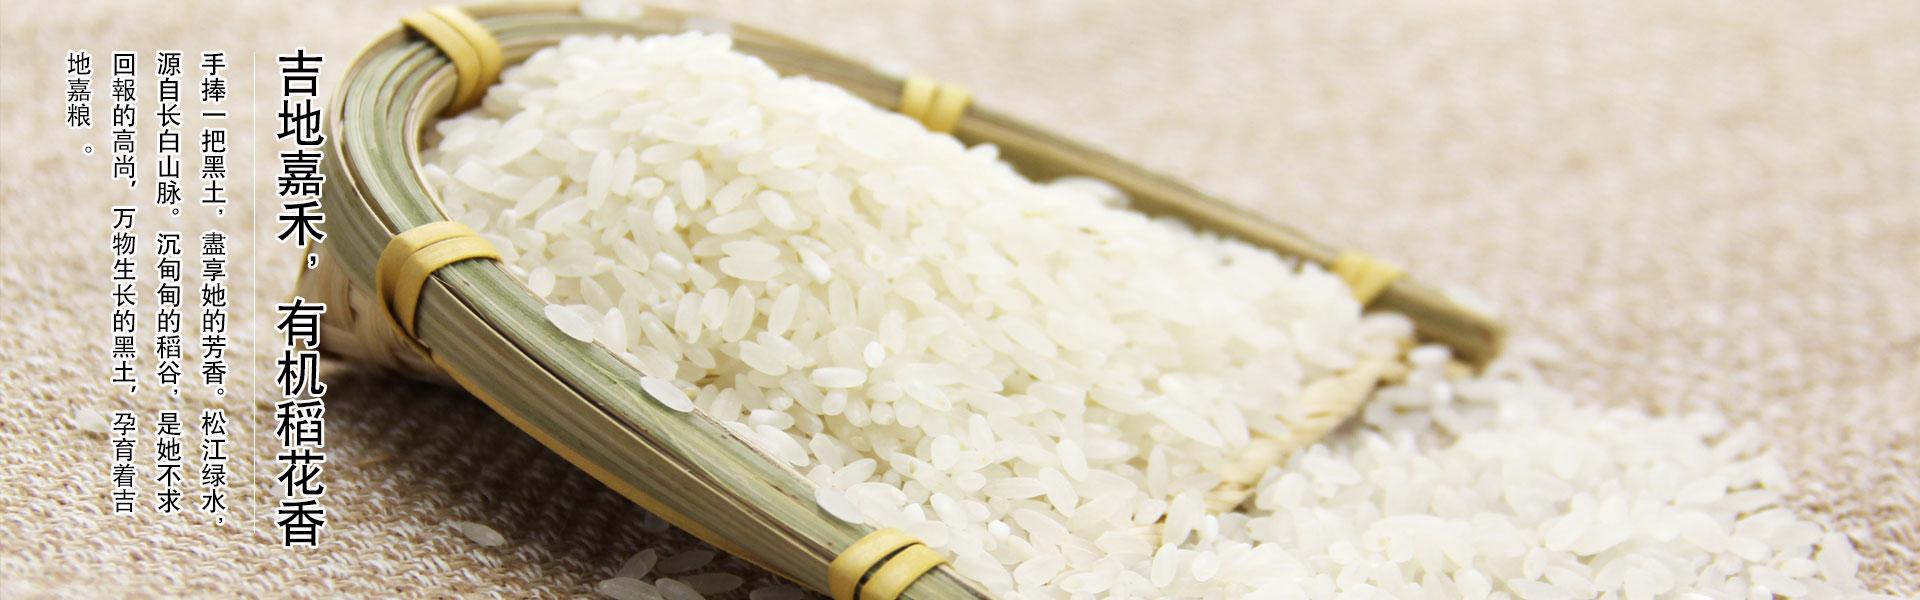 东北稻花香大米